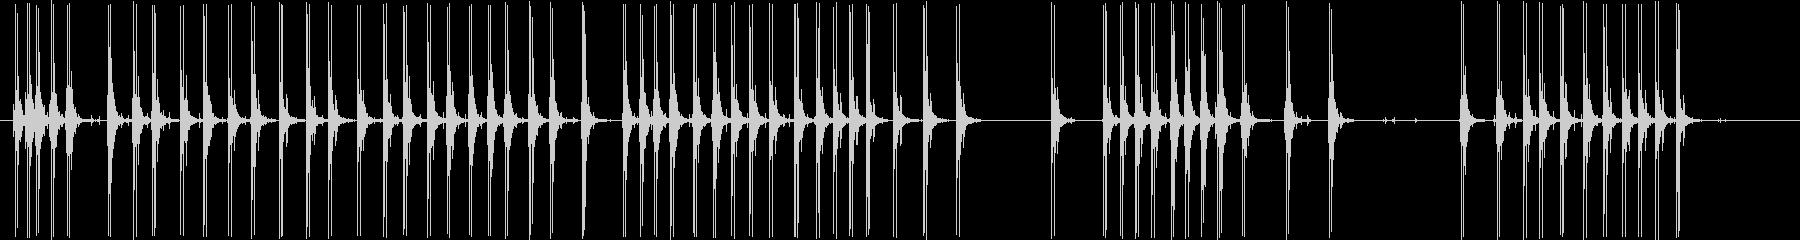 12ゲージショットガン:ローリング...の未再生の波形